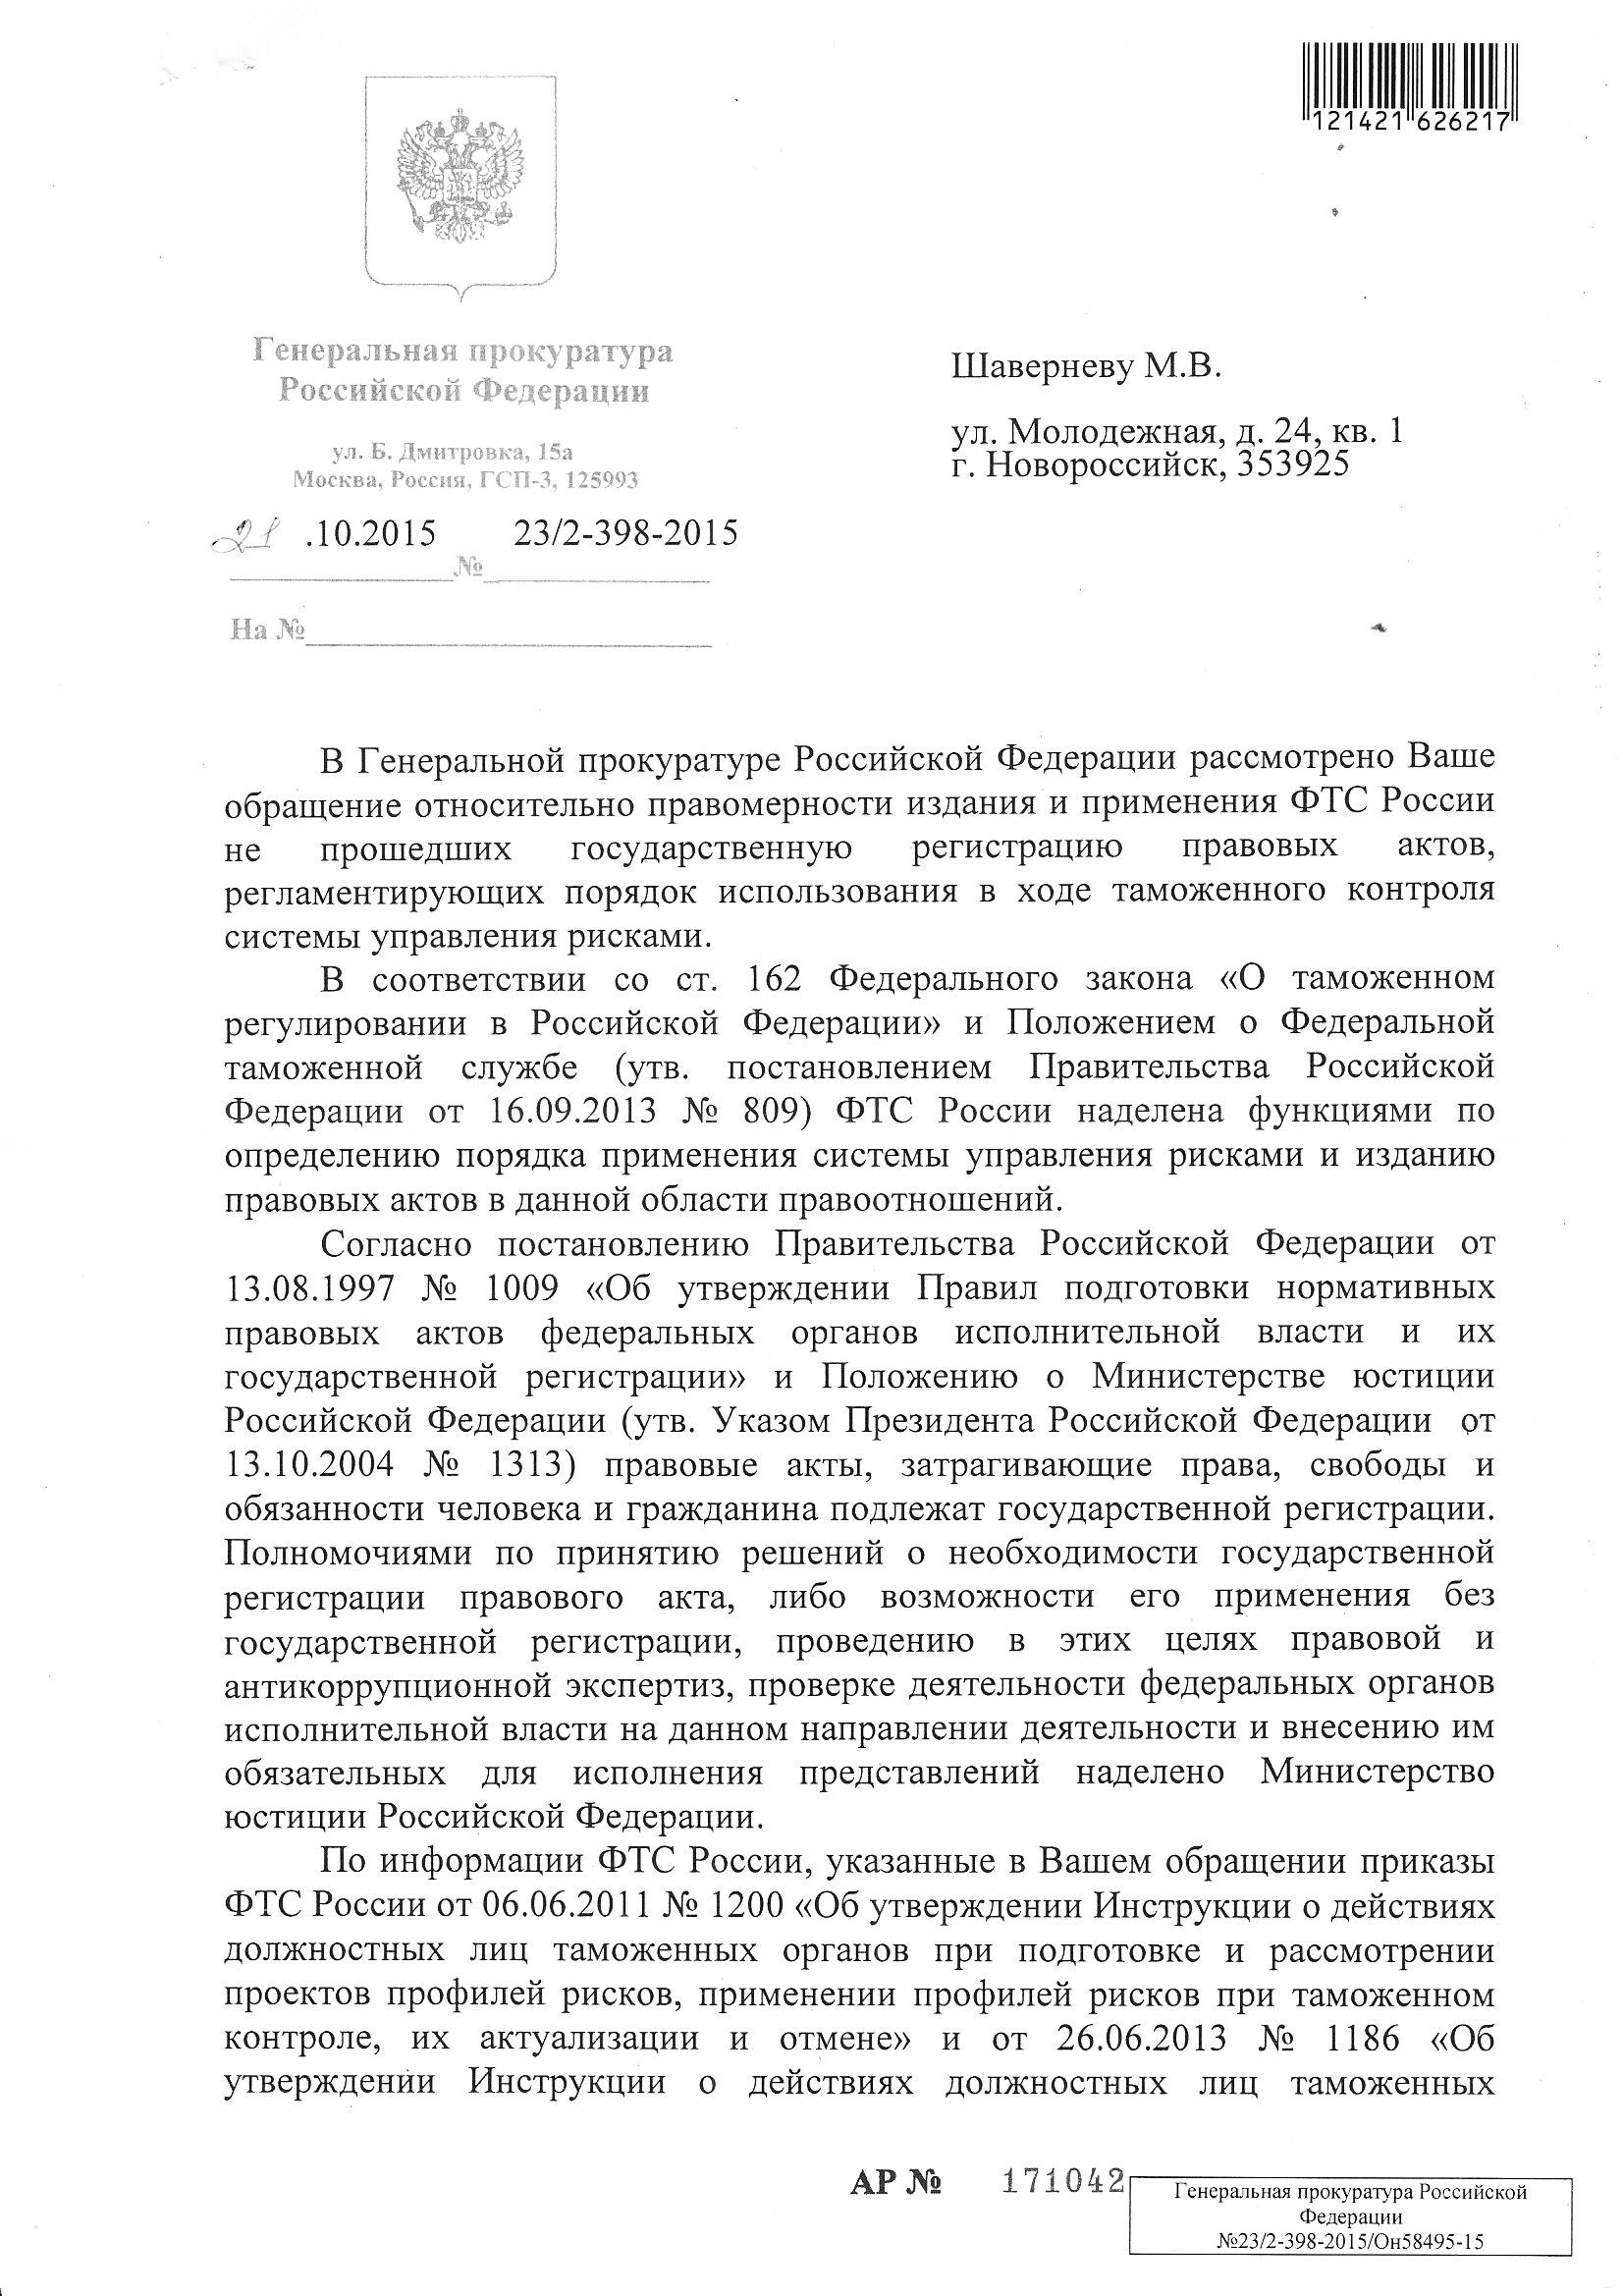 приказы фтс россии инструкция по рискам